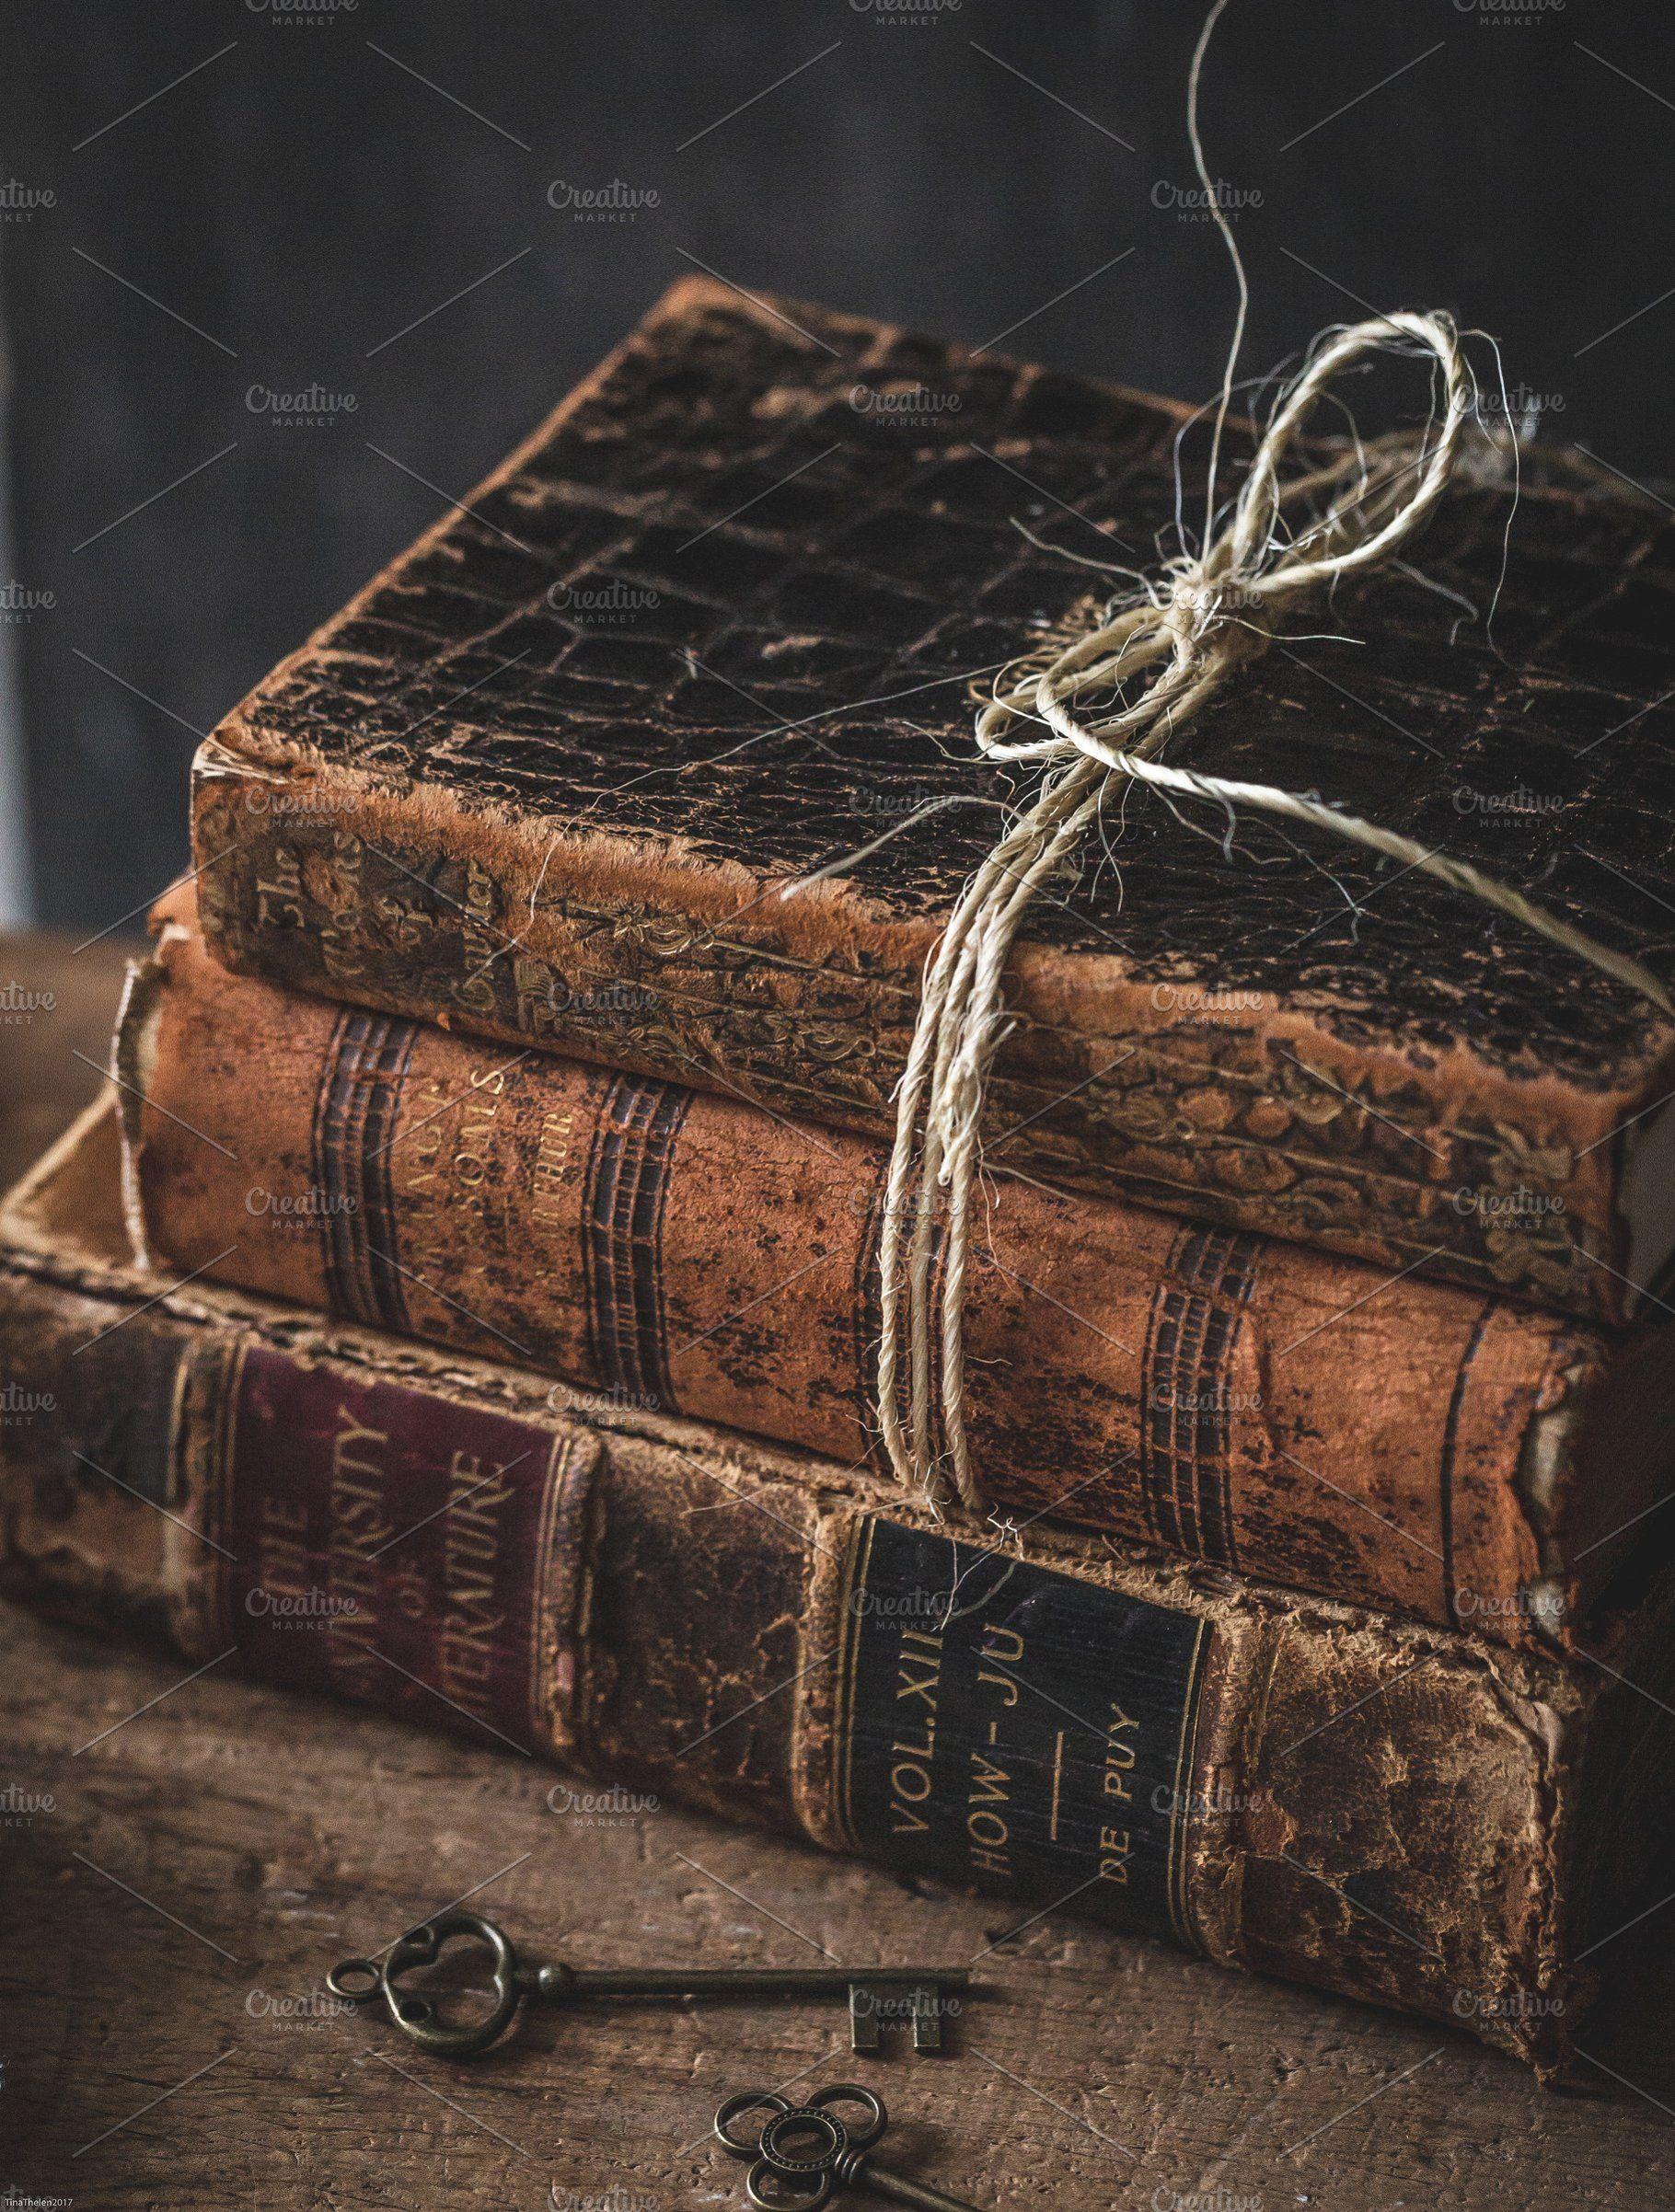 Vintage Books Vintage Books Medieval Books Book Aesthetic